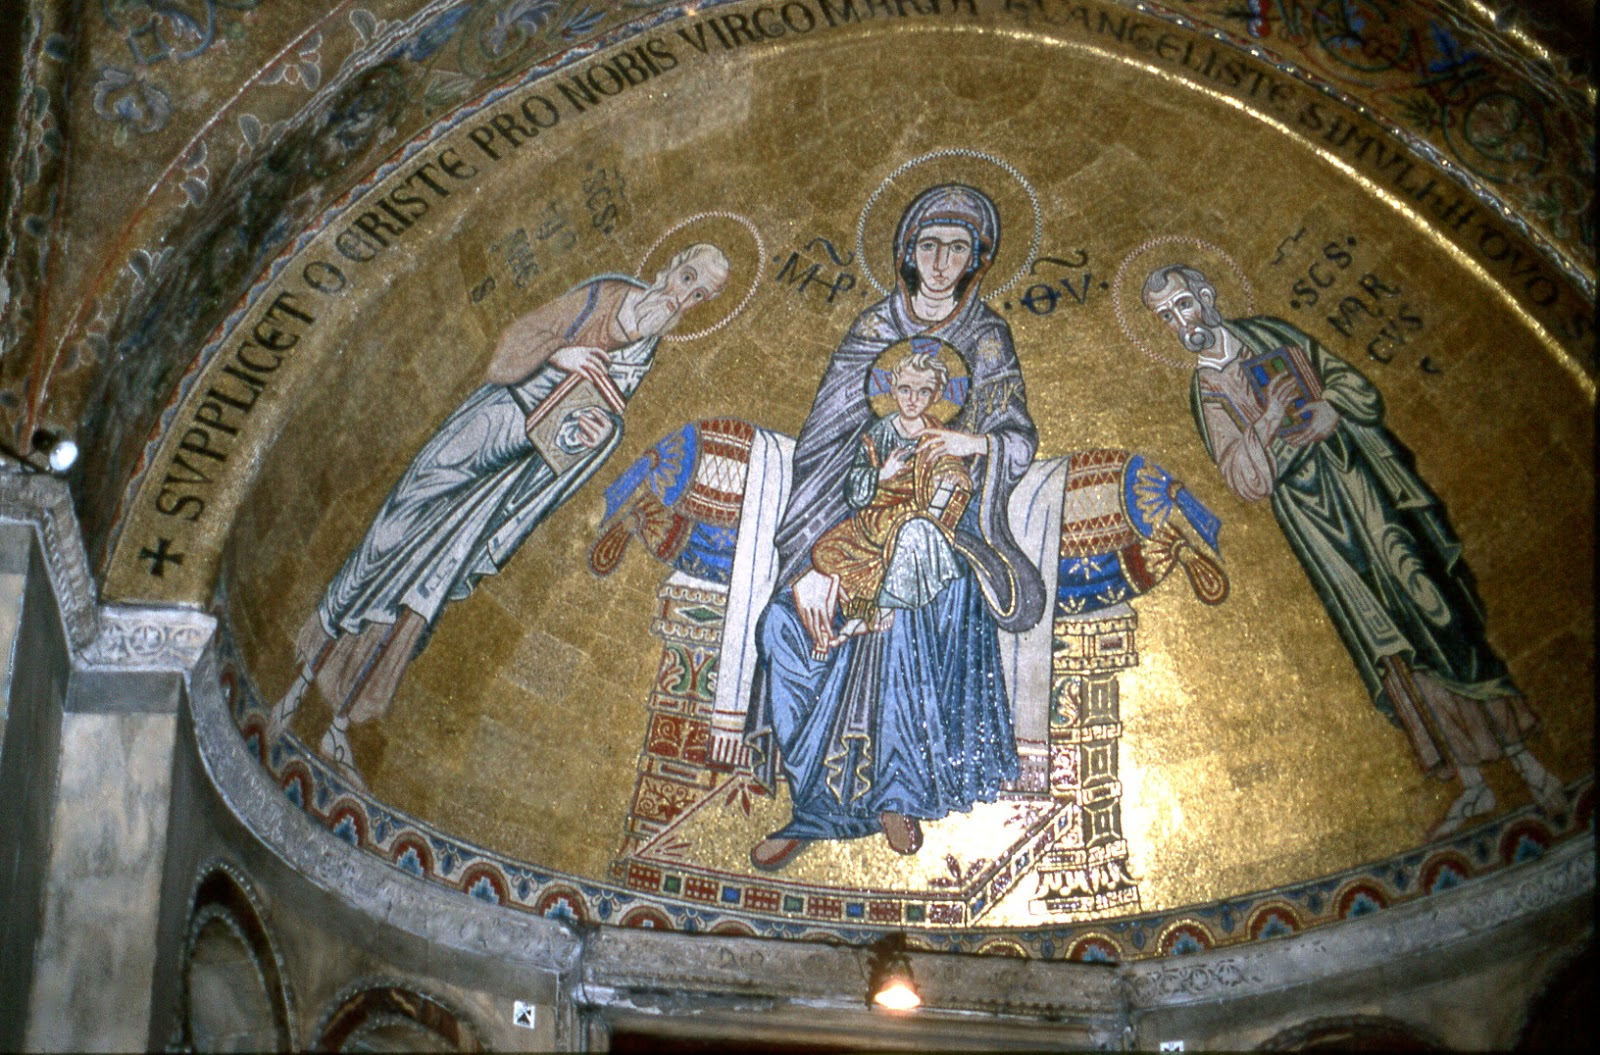 El palacio del arte: Ábside Basílica San Marcos Venecia